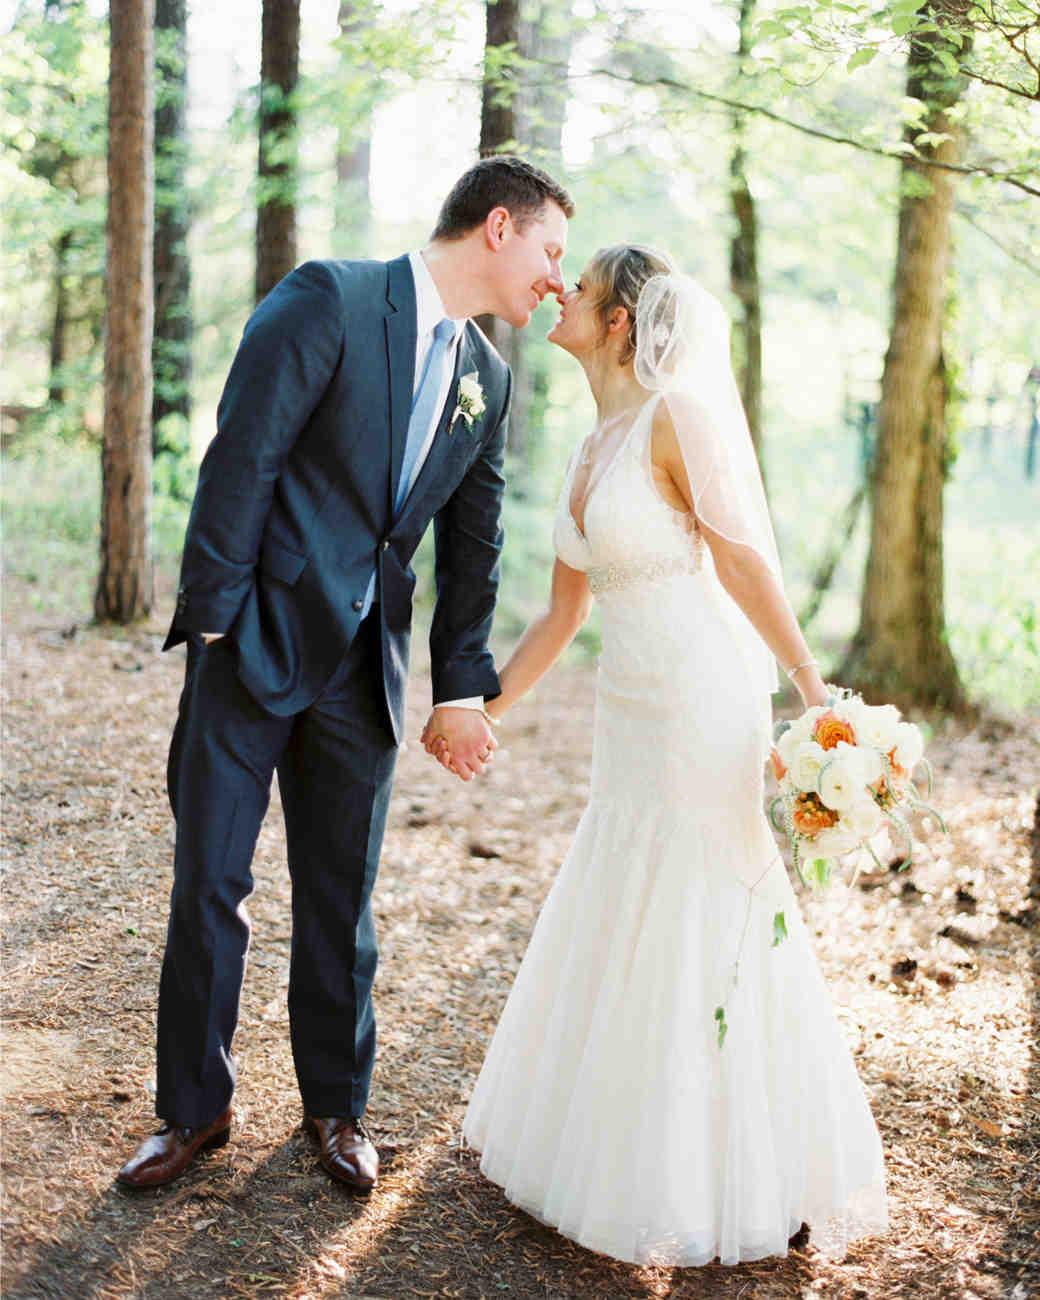 A Rustic Outdoor Wedding on a Farm in Alabama Martha Stewart